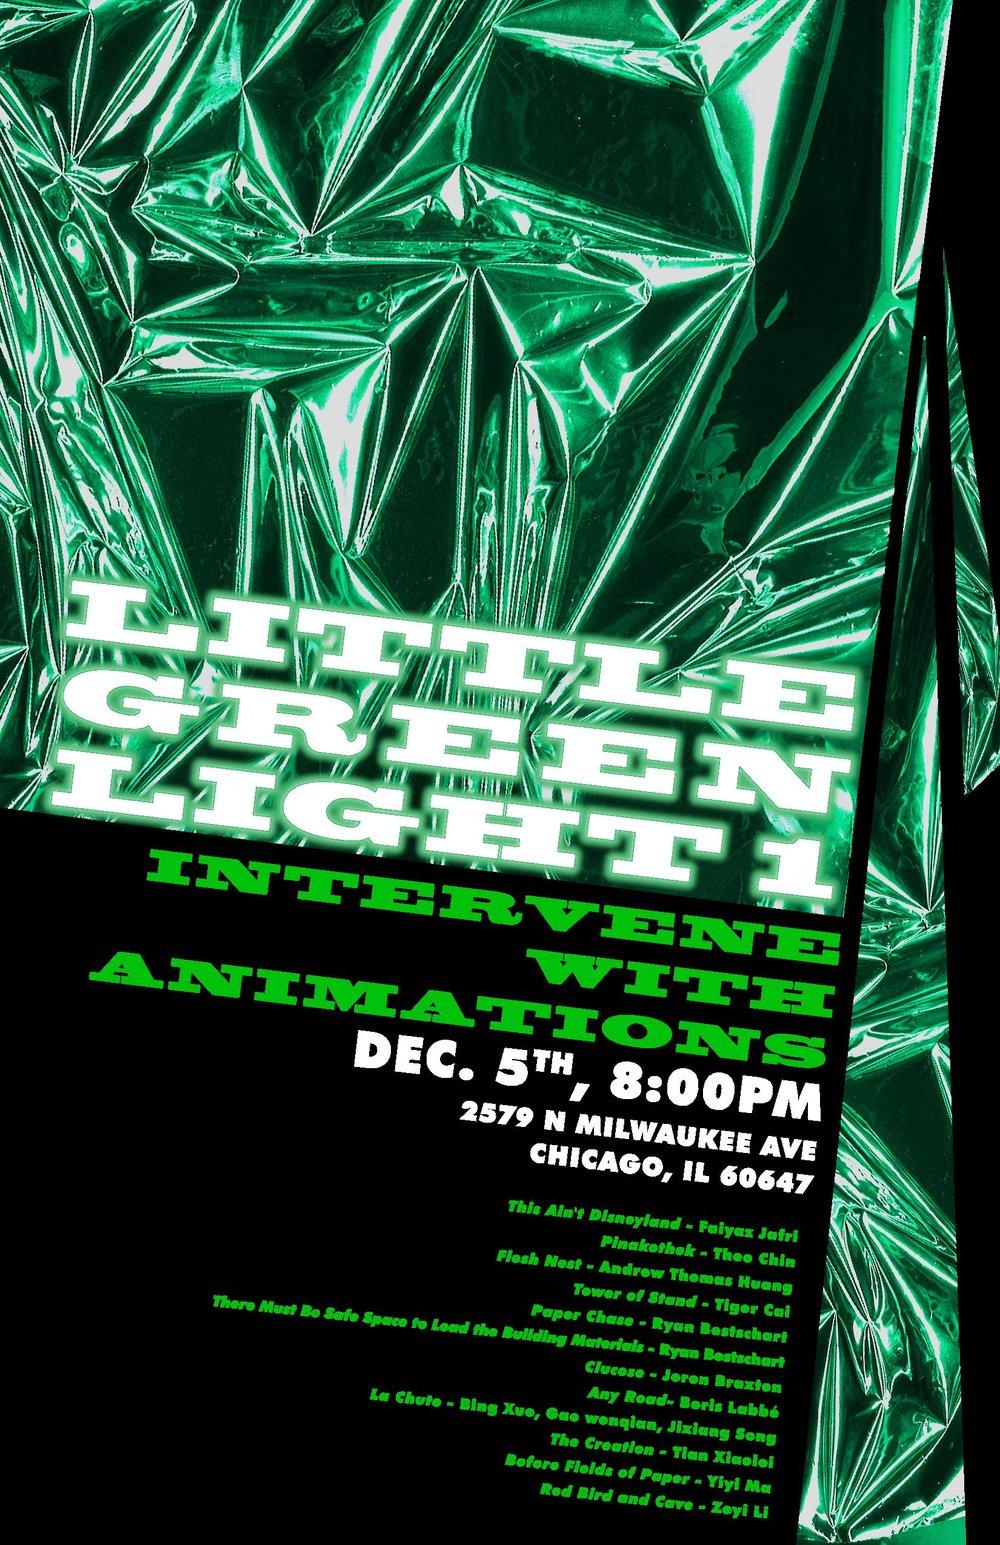 Little Green Light-2-page-001.jpg